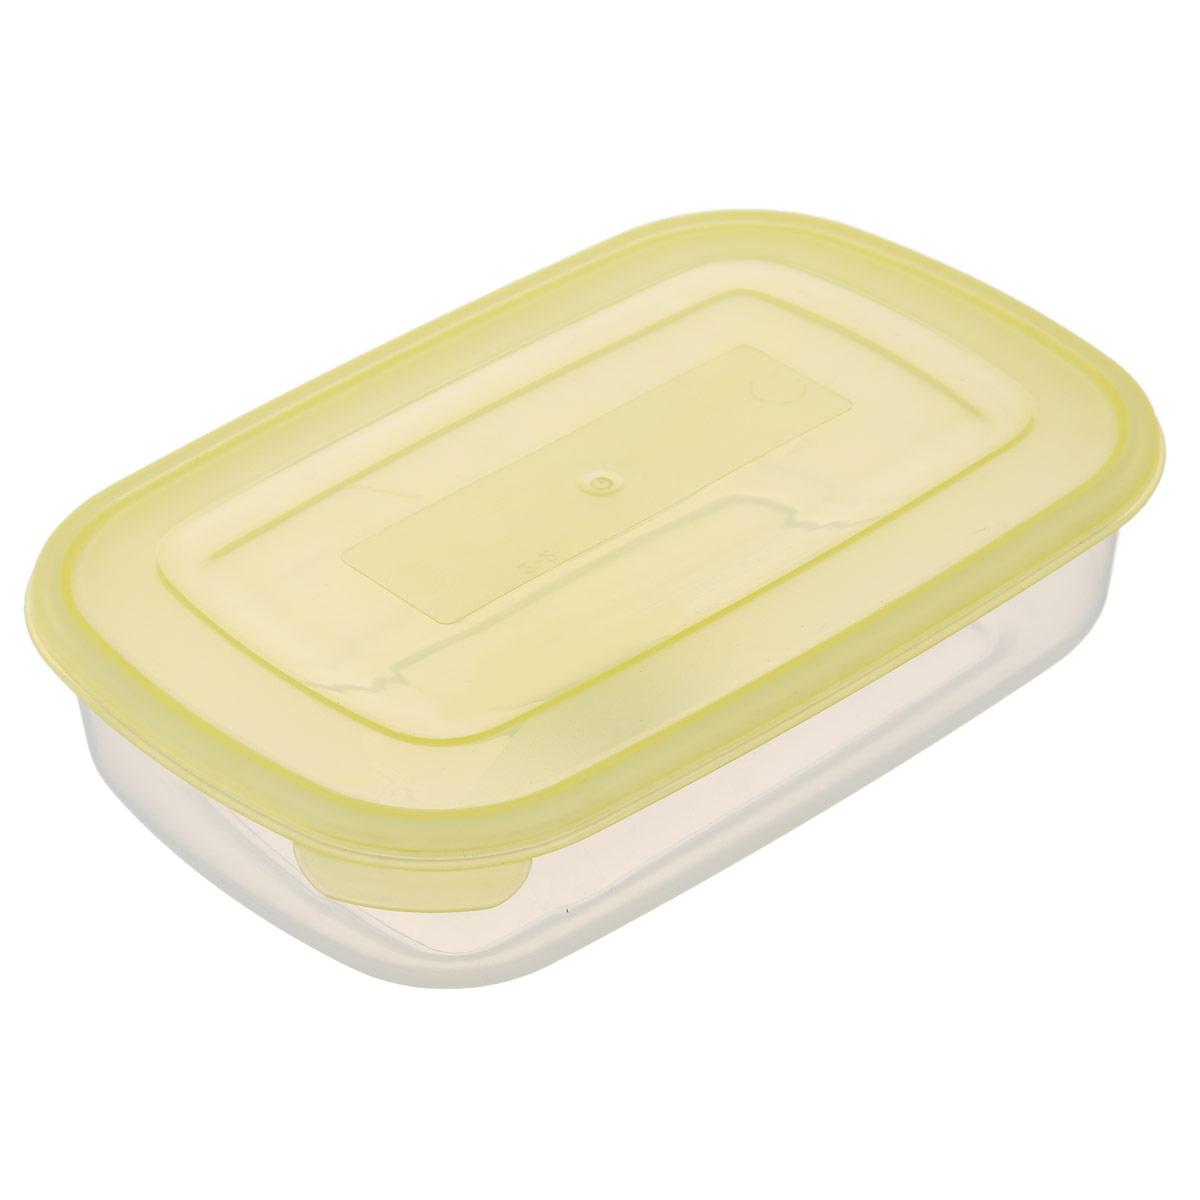 Контейнер Бытпласт Прима, 0,45 лС11002Контейнер Бытпласт Прима изготовлен из высококачественного полипропилена и не содержит Бисфенол А. Крышка легко и плотно закрывается. Контейнер устойчив к воздействию масел и жиров, легко моется. Подходит для использования в микроволновых печах, его можно мыть в посудомоечной машине. Объем контейнера: 0,45 л.